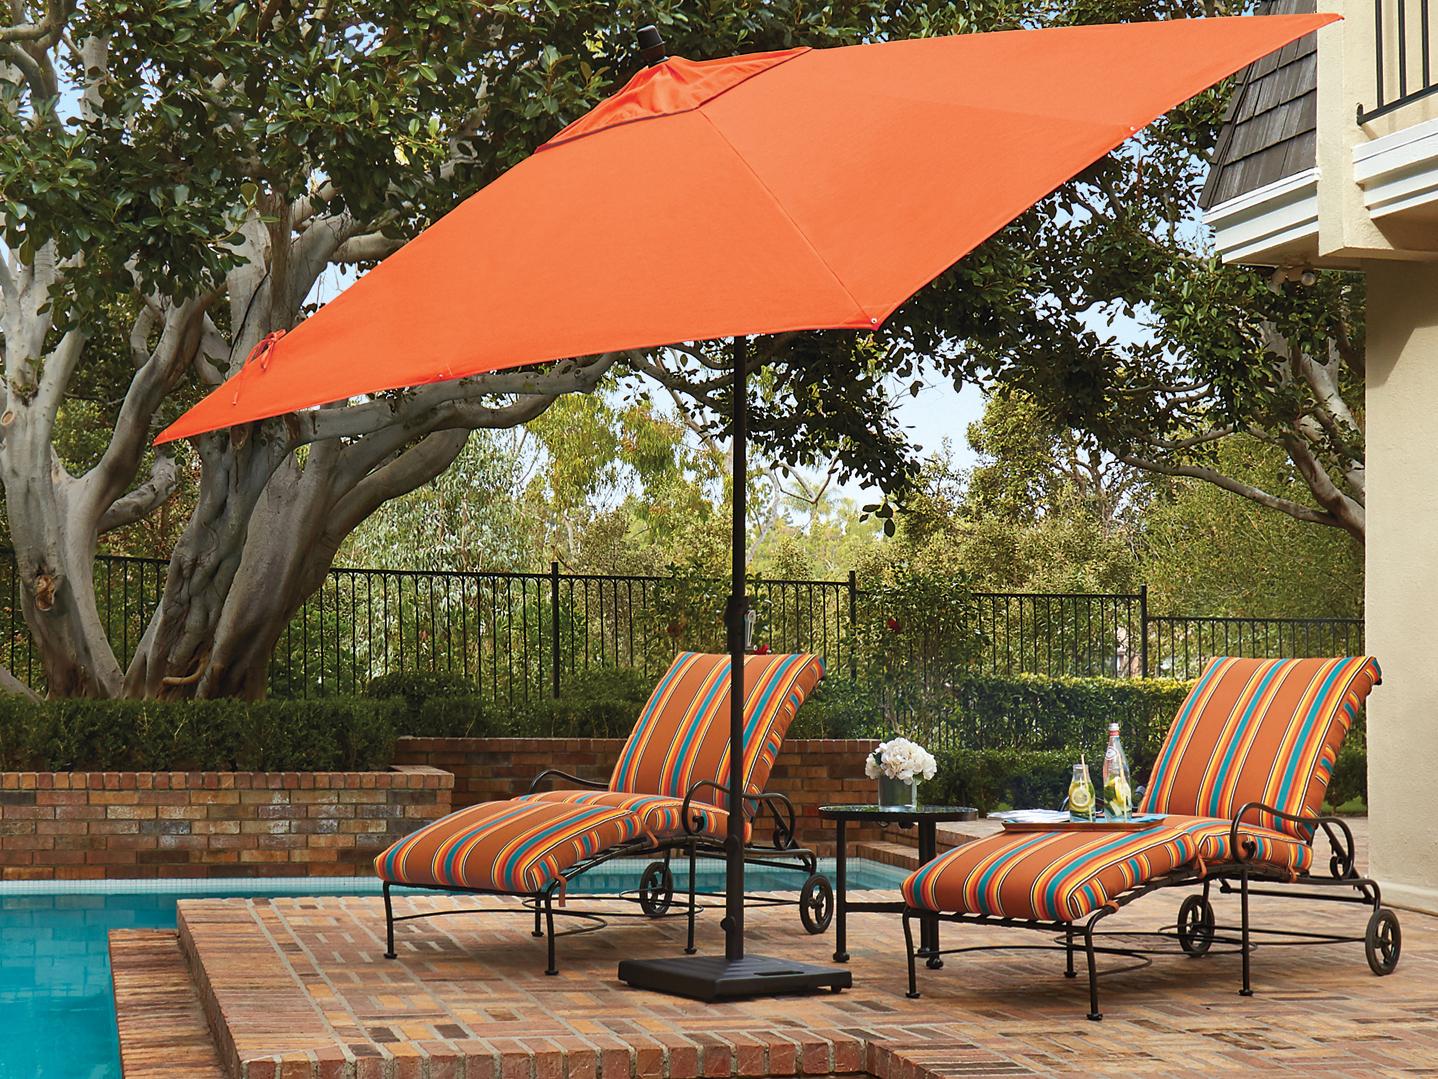 Market Umbrella Costco